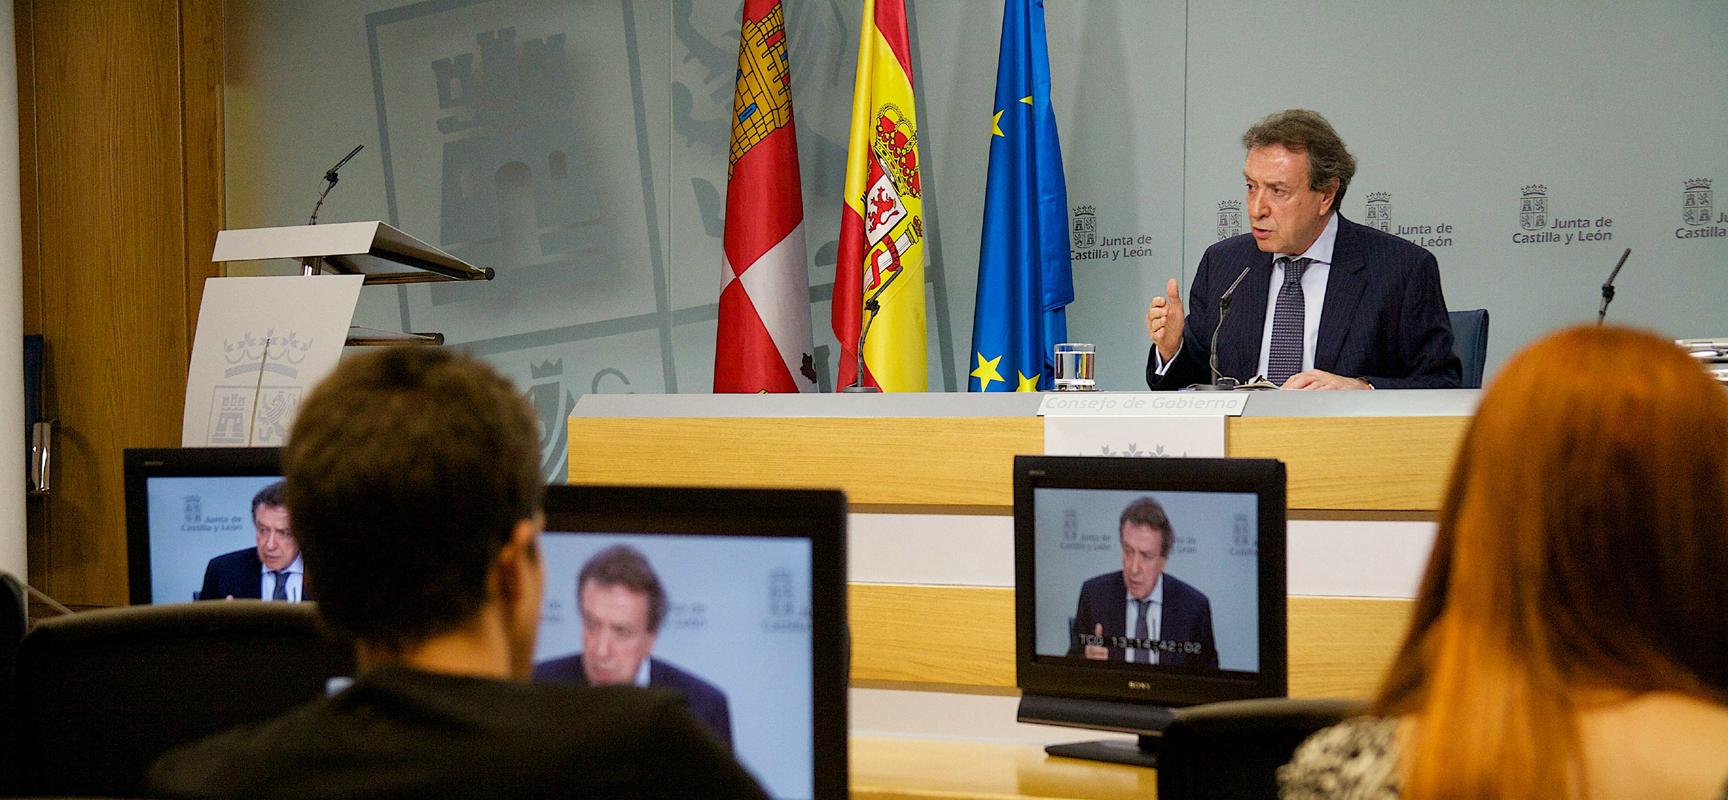 Rueda de prensa posterior al Consejo de Gobierno.